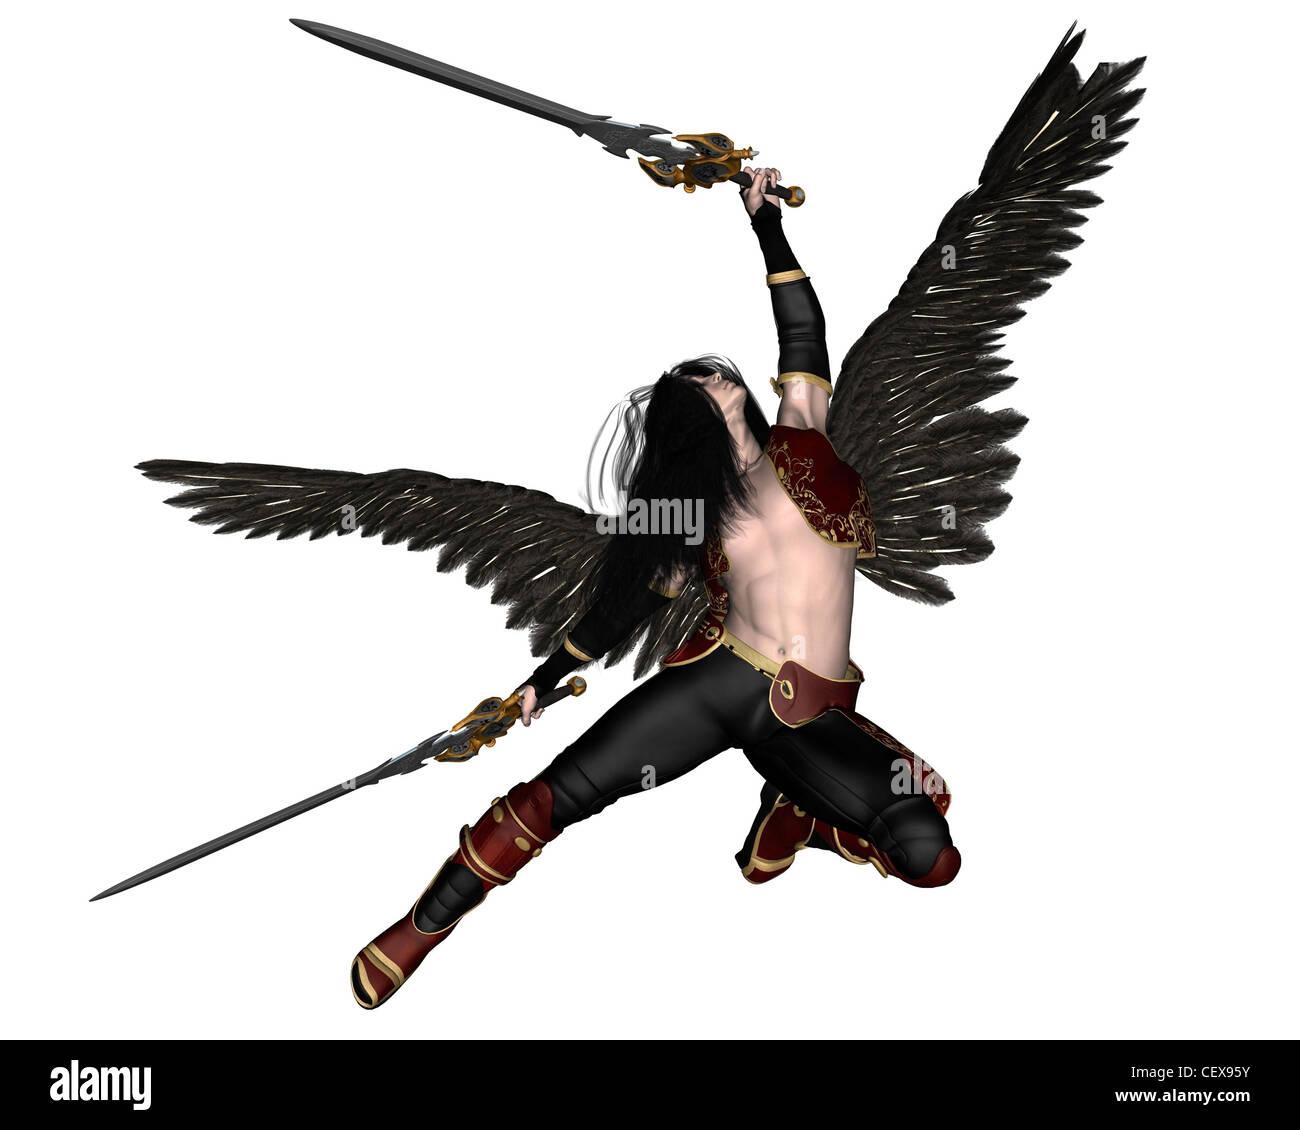 Fallen angel iii leather